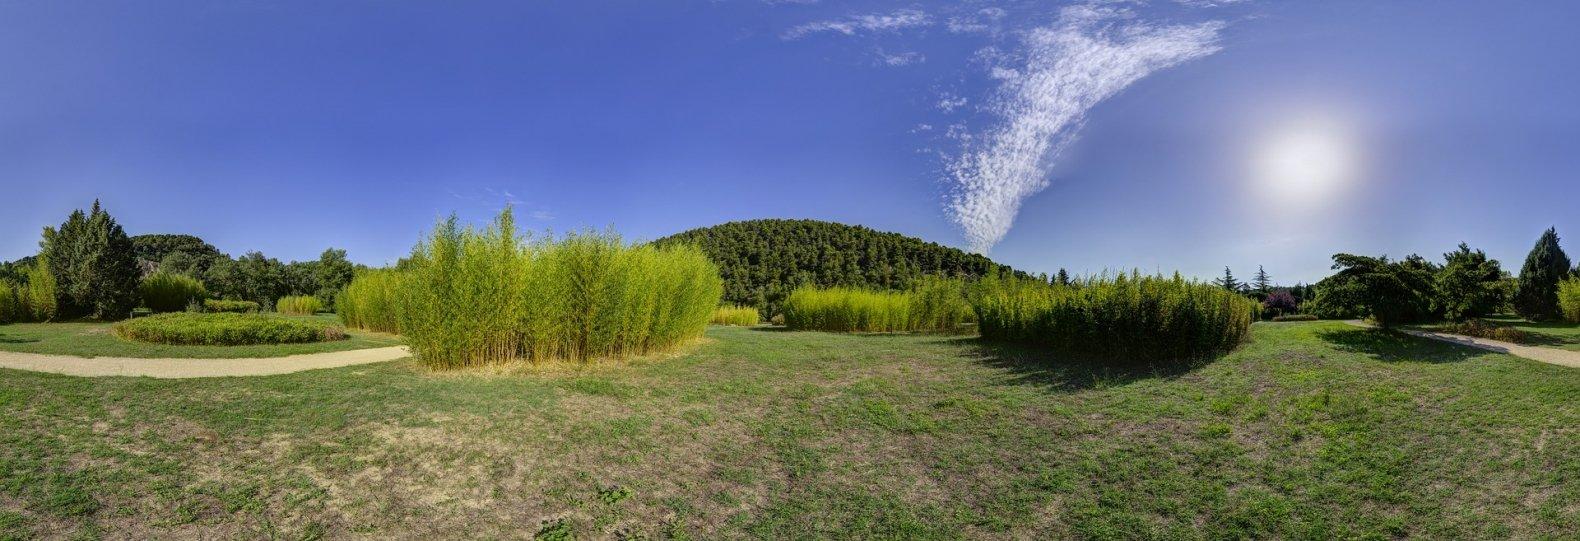 Bambus im Garten